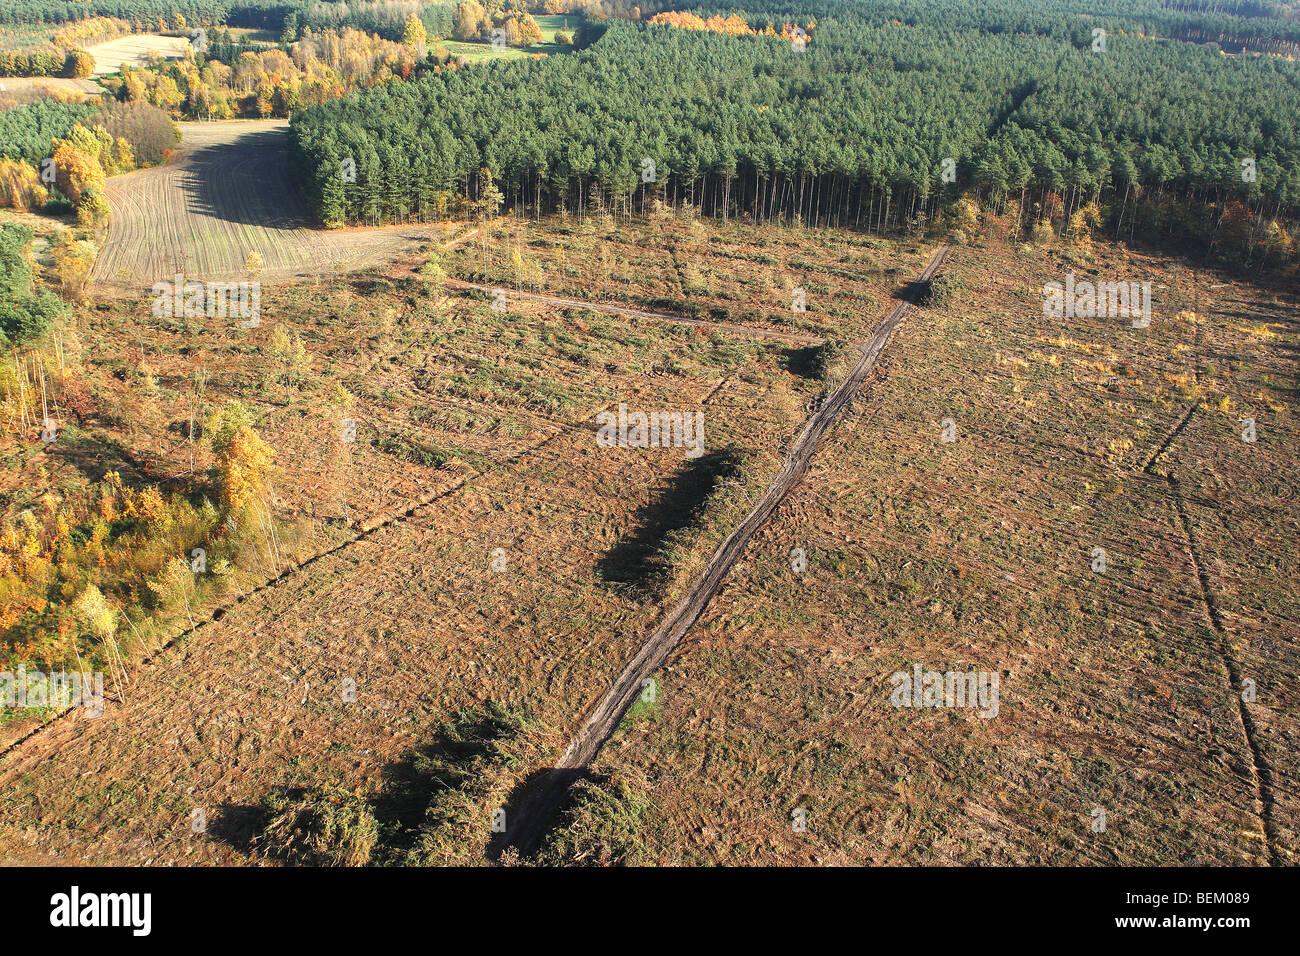 Deforestazione della foresta di pini, foresta di trasformazione e sviluppo di erica, Belgio Immagini Stock